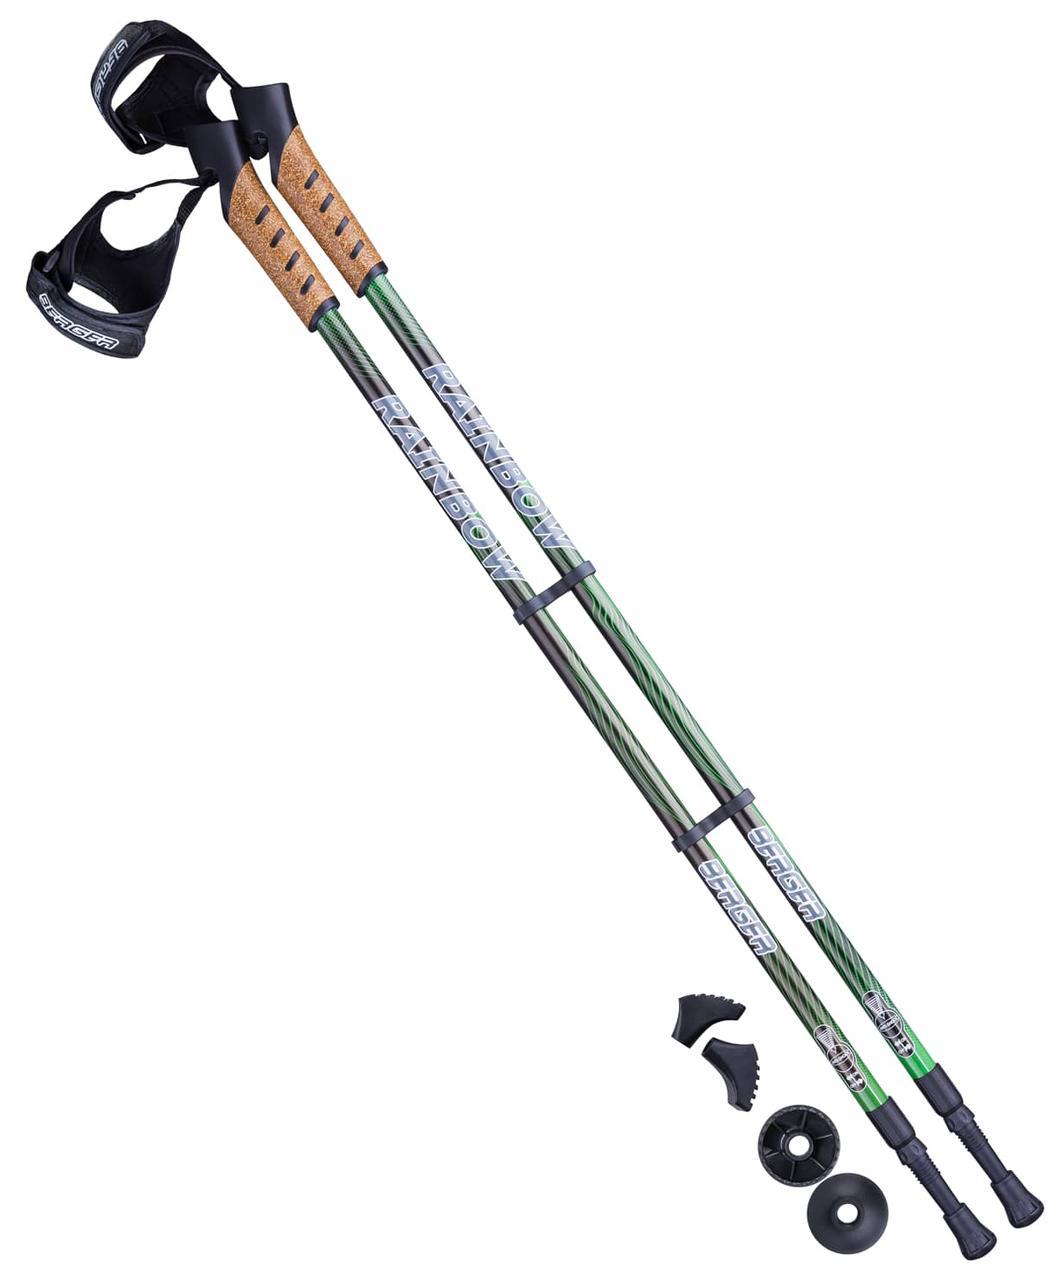 Палки для скандинавской ходьбы Rainbow, 77-135 см, 2-секционные, чёрный/ярко-зелёный Berger